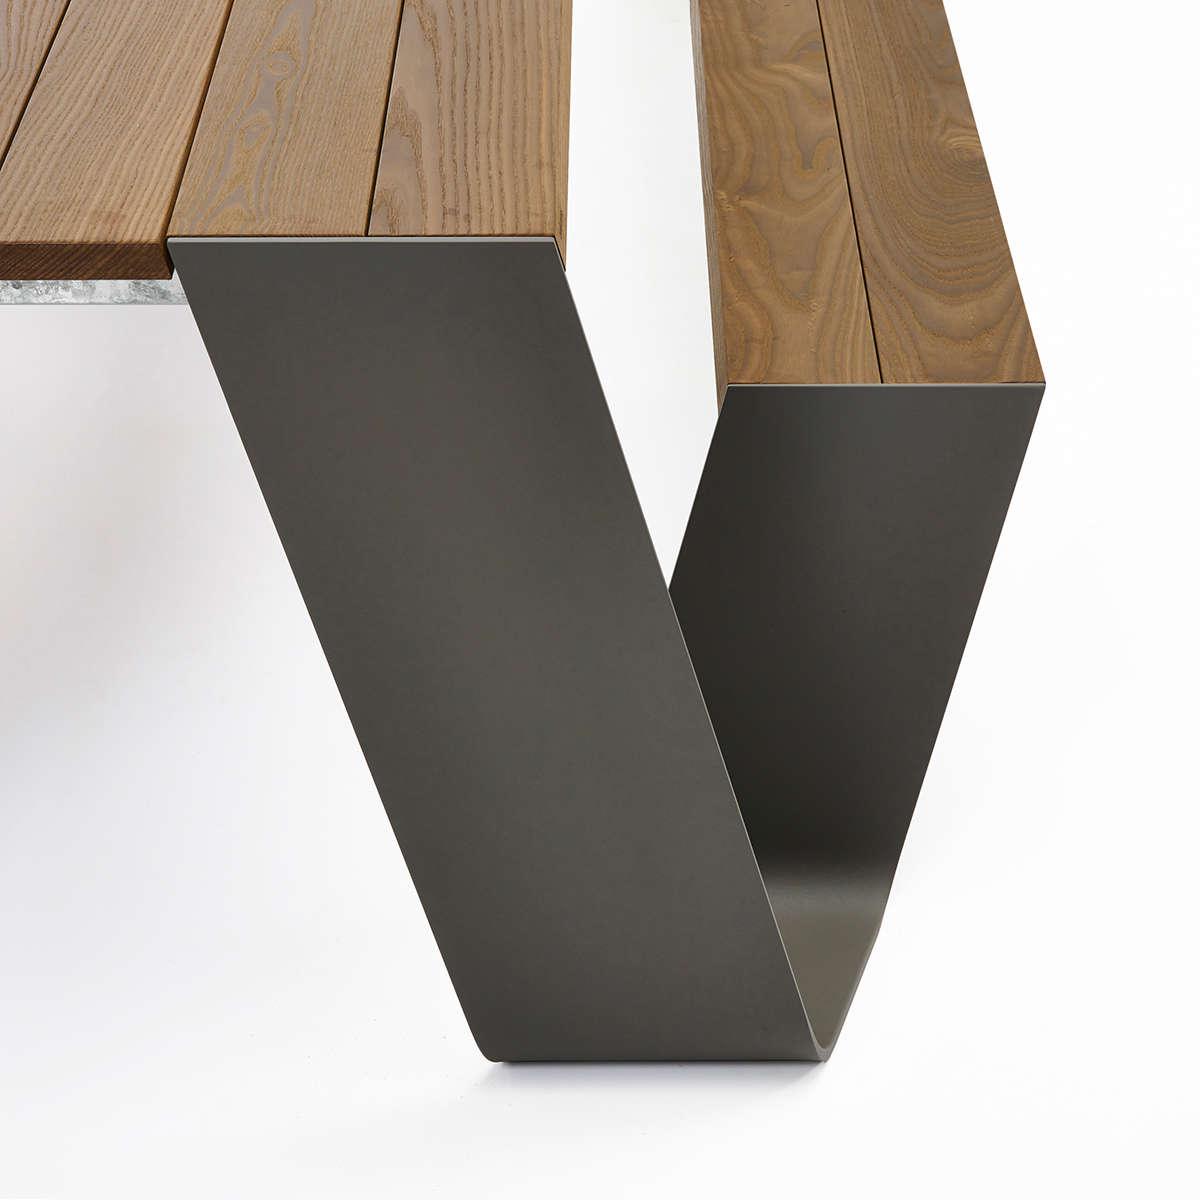 Hopper Table 15